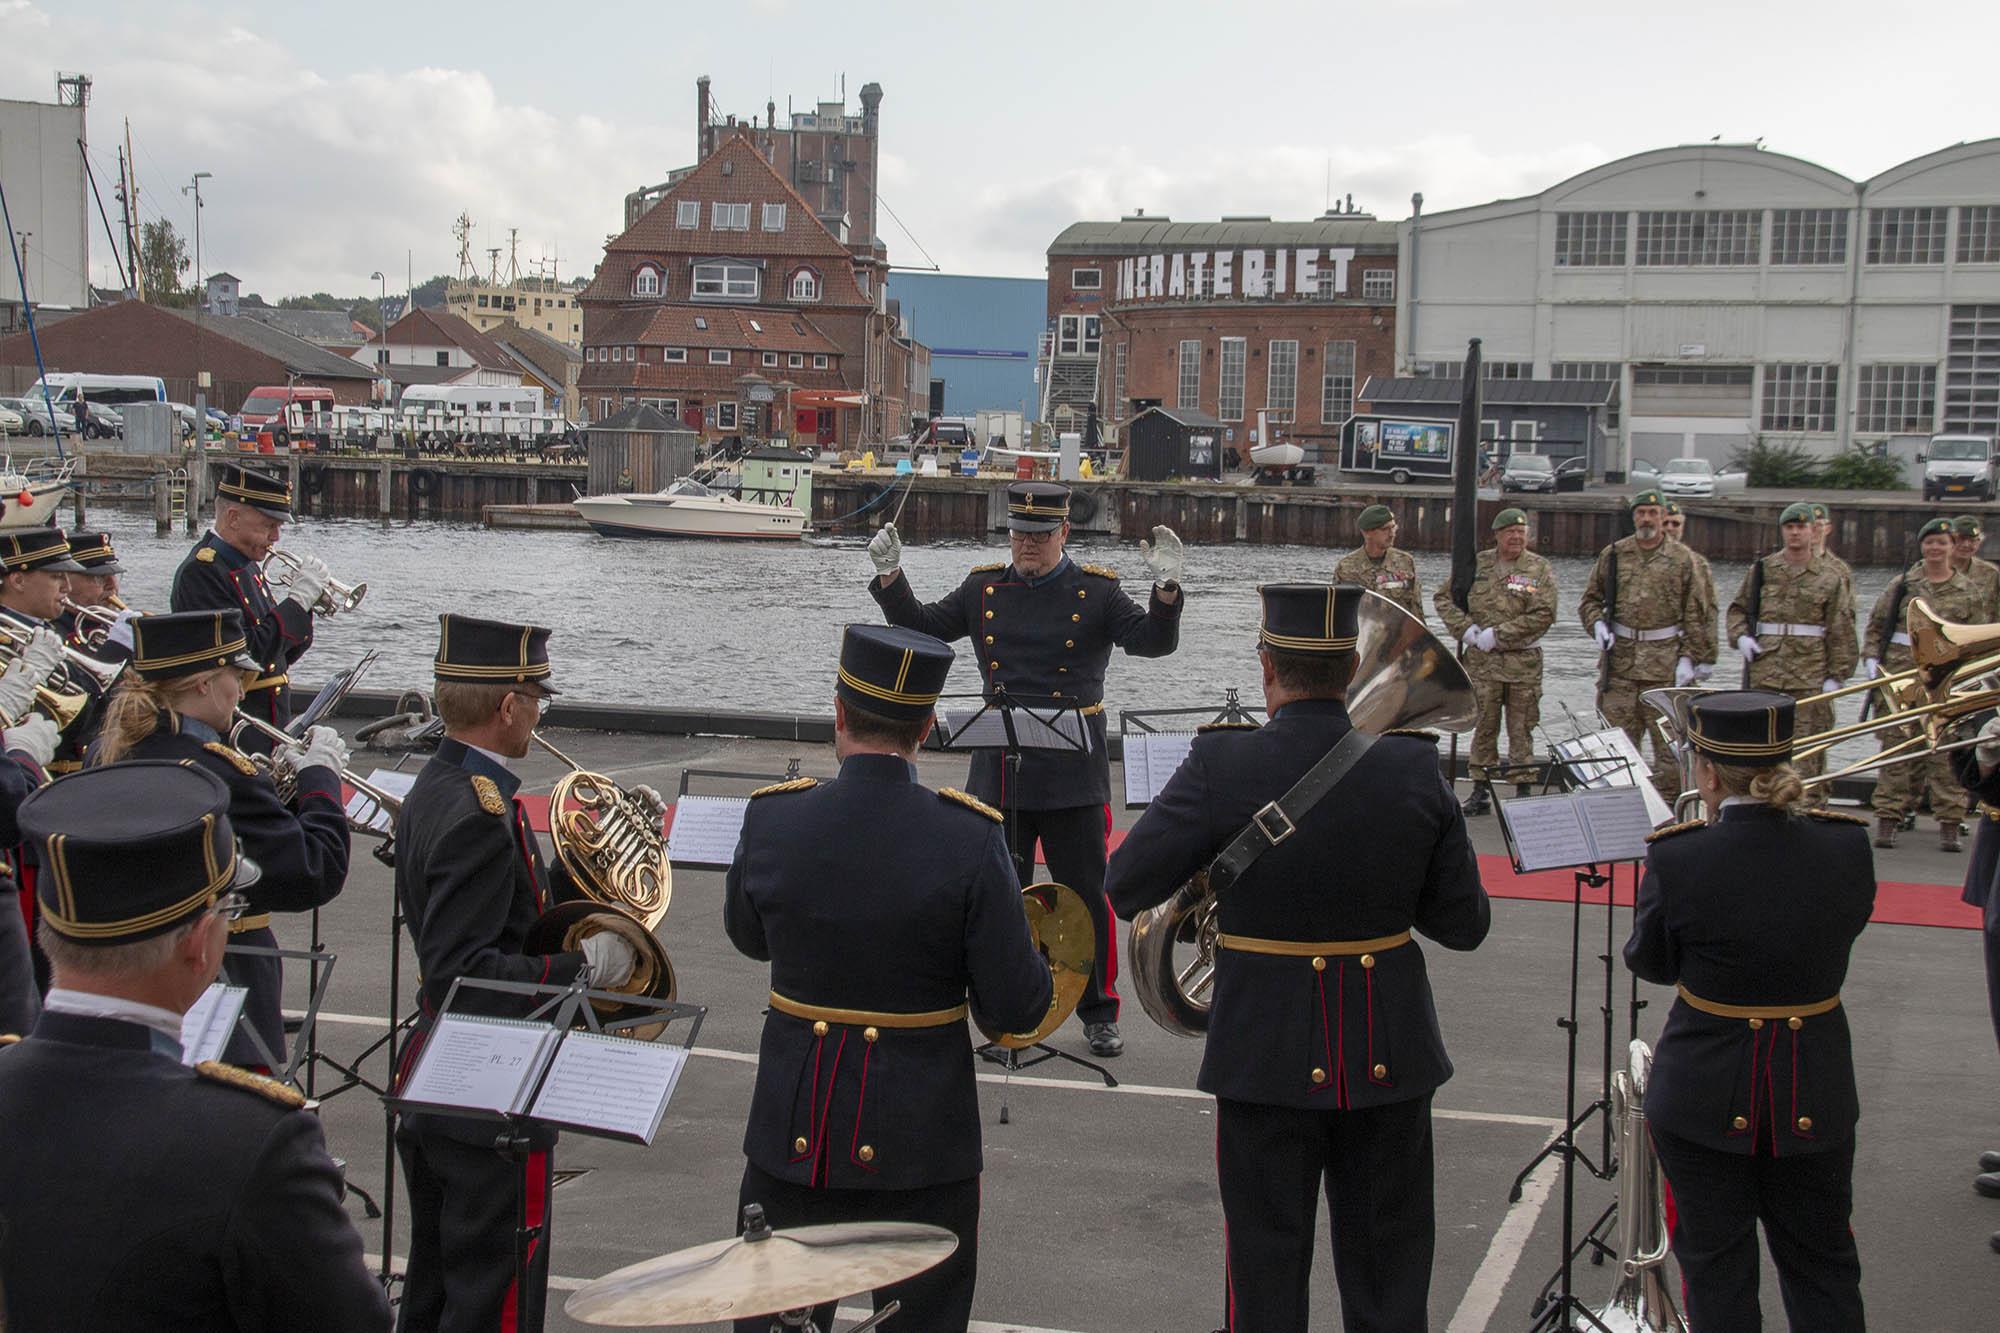 Grapida-Dronning-svendborg-18-2018-09-06